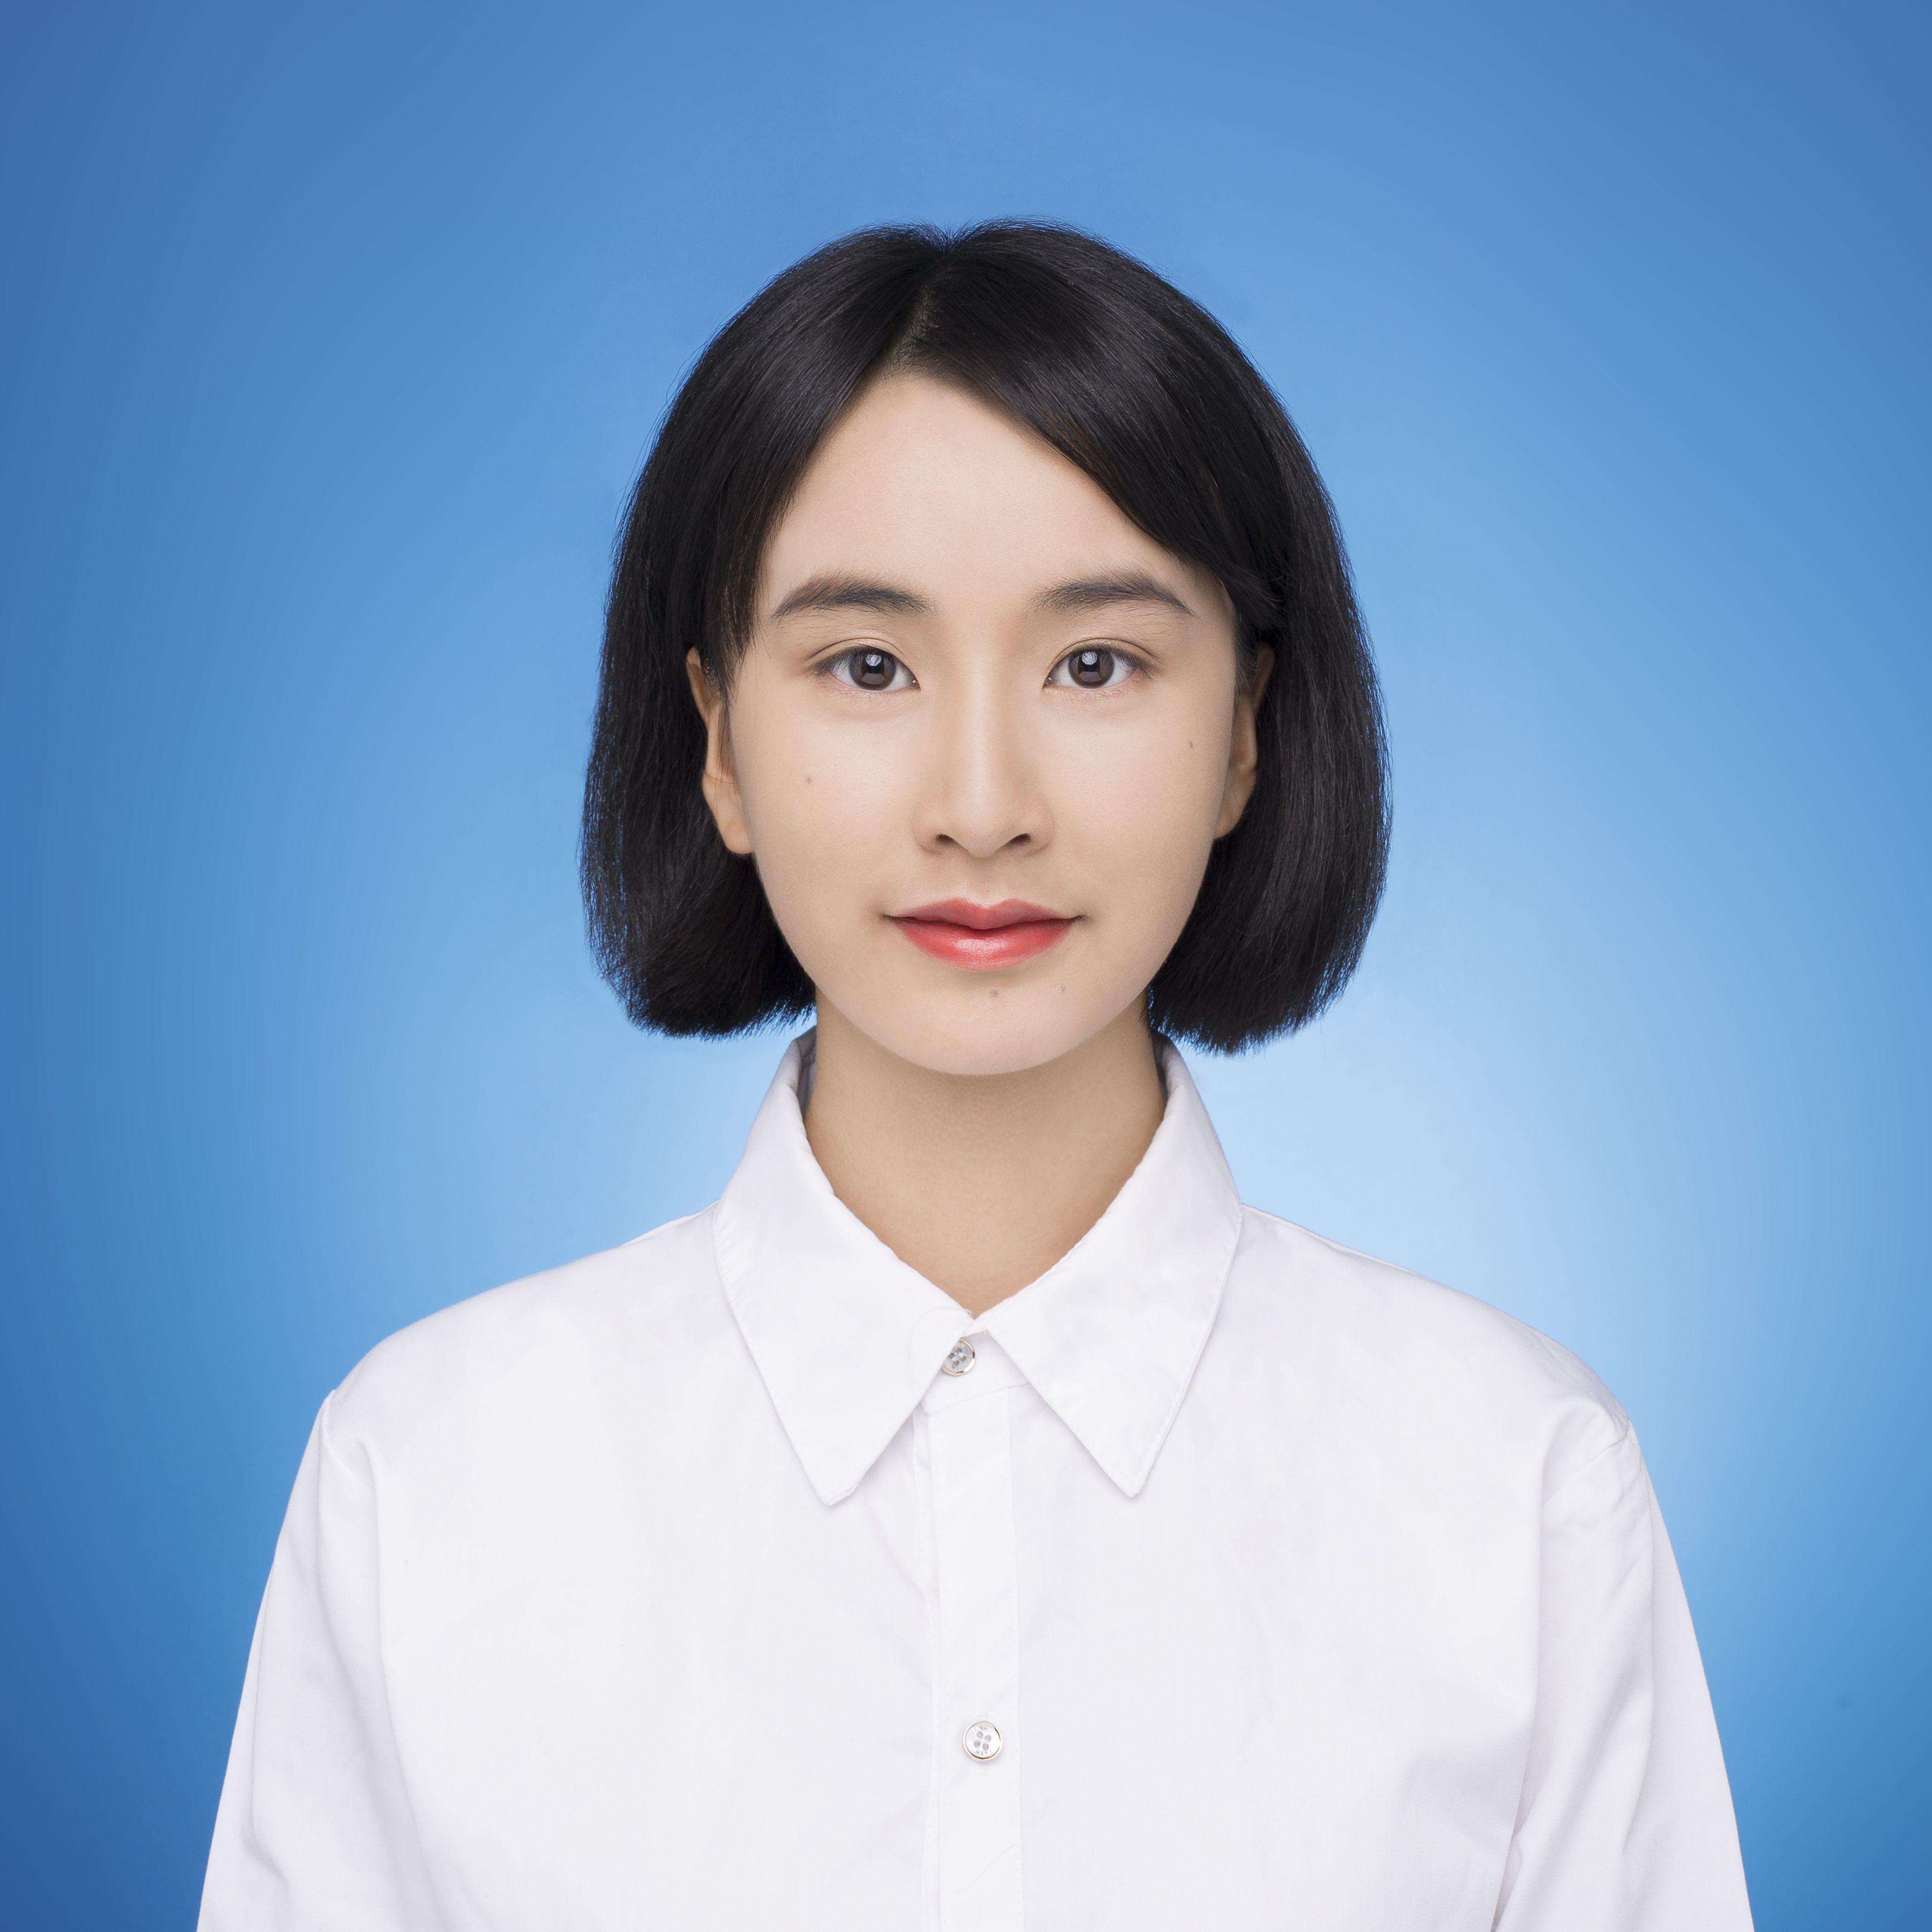 上海家教罗老师